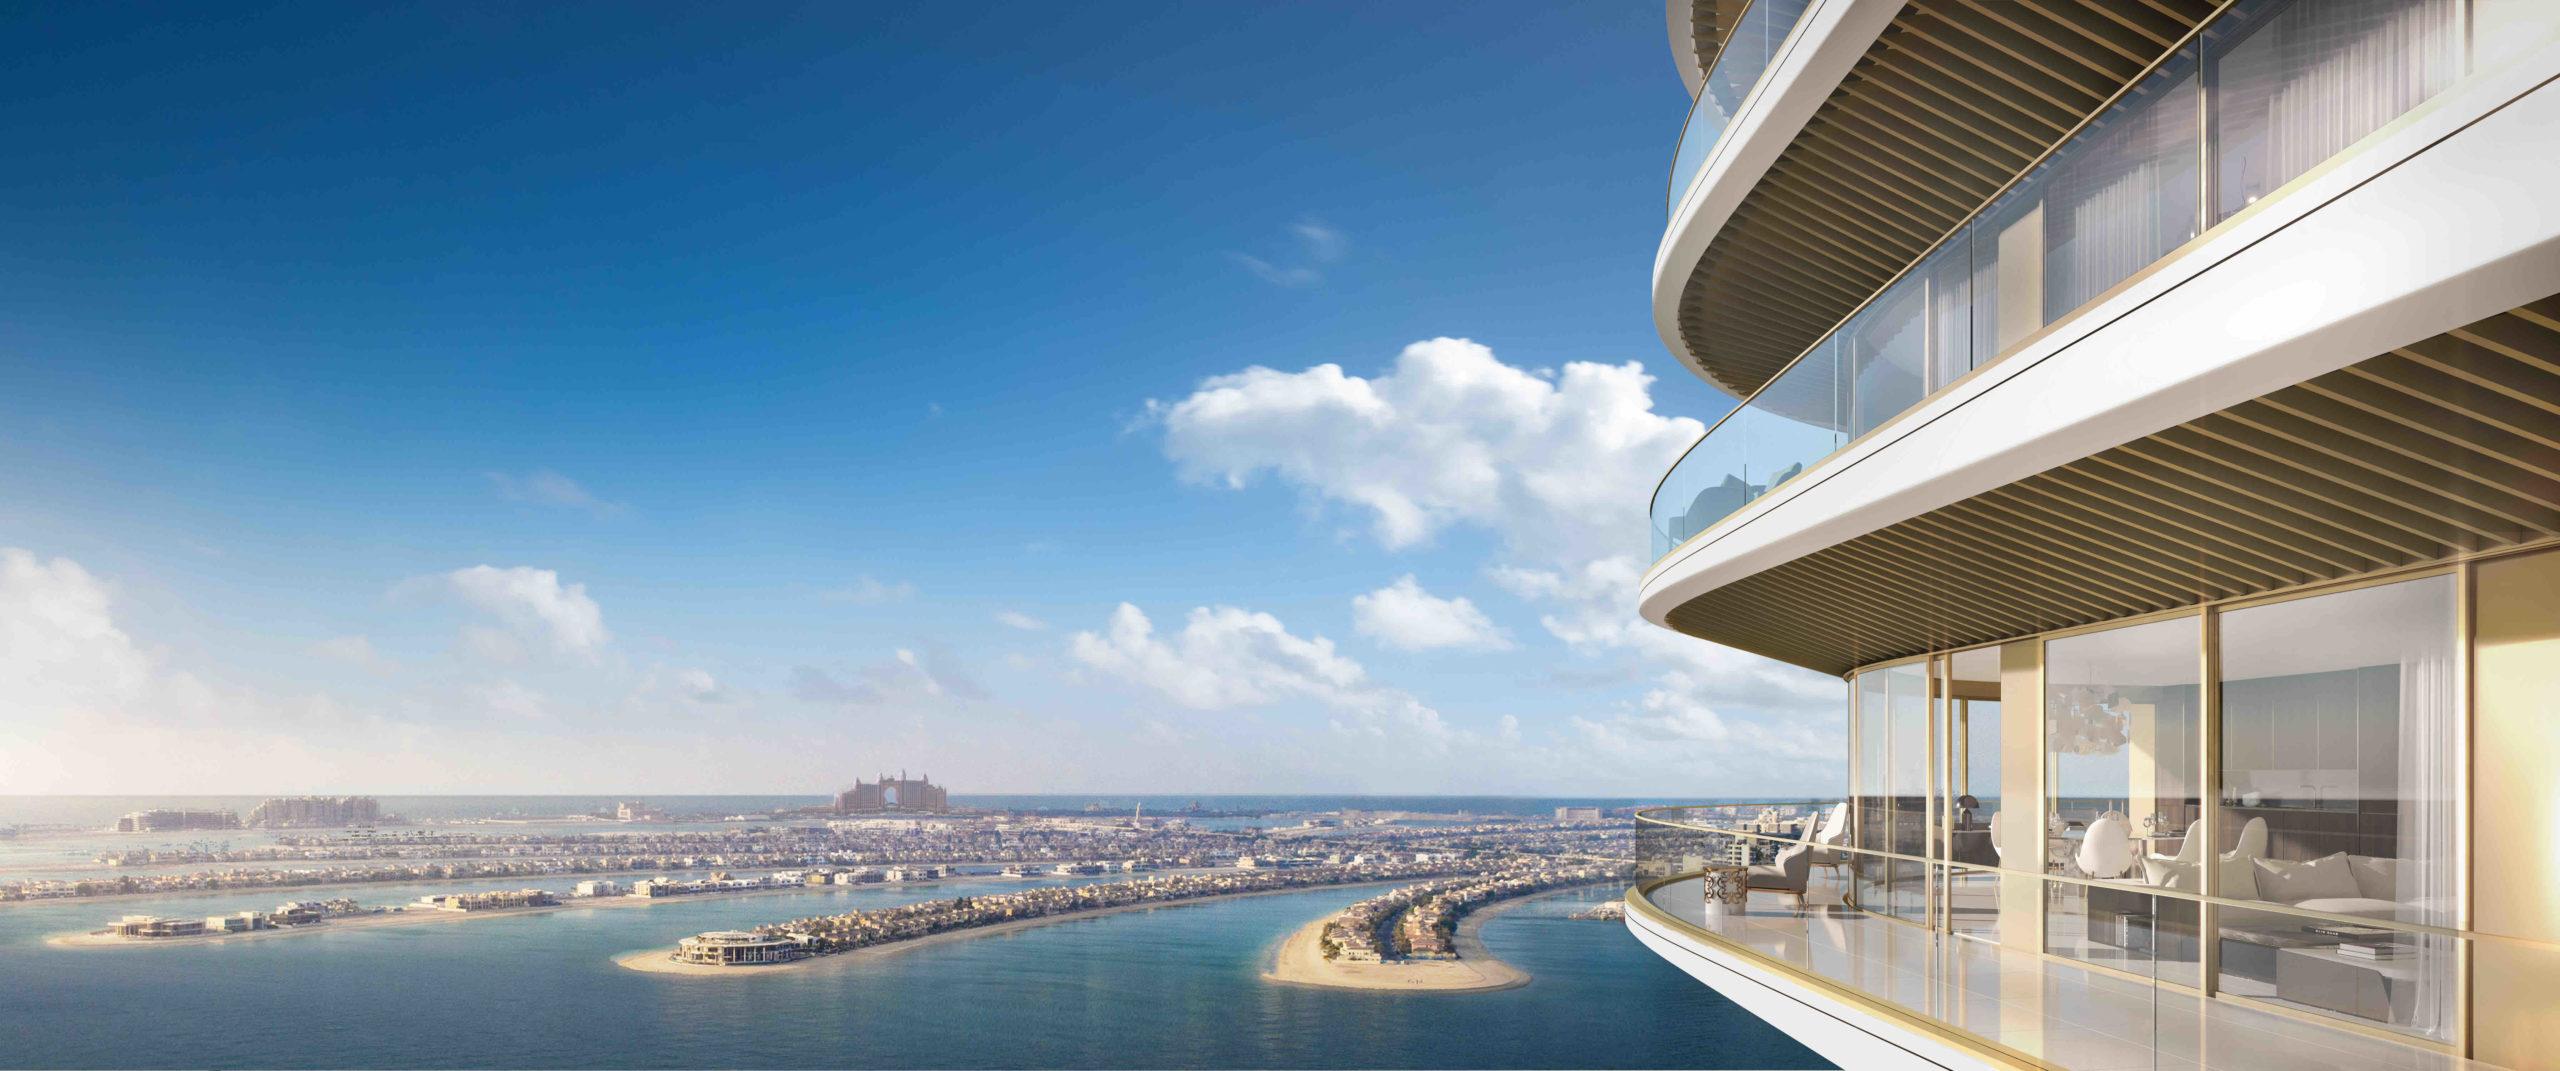 GRAND BLEU TOWER   Dubai